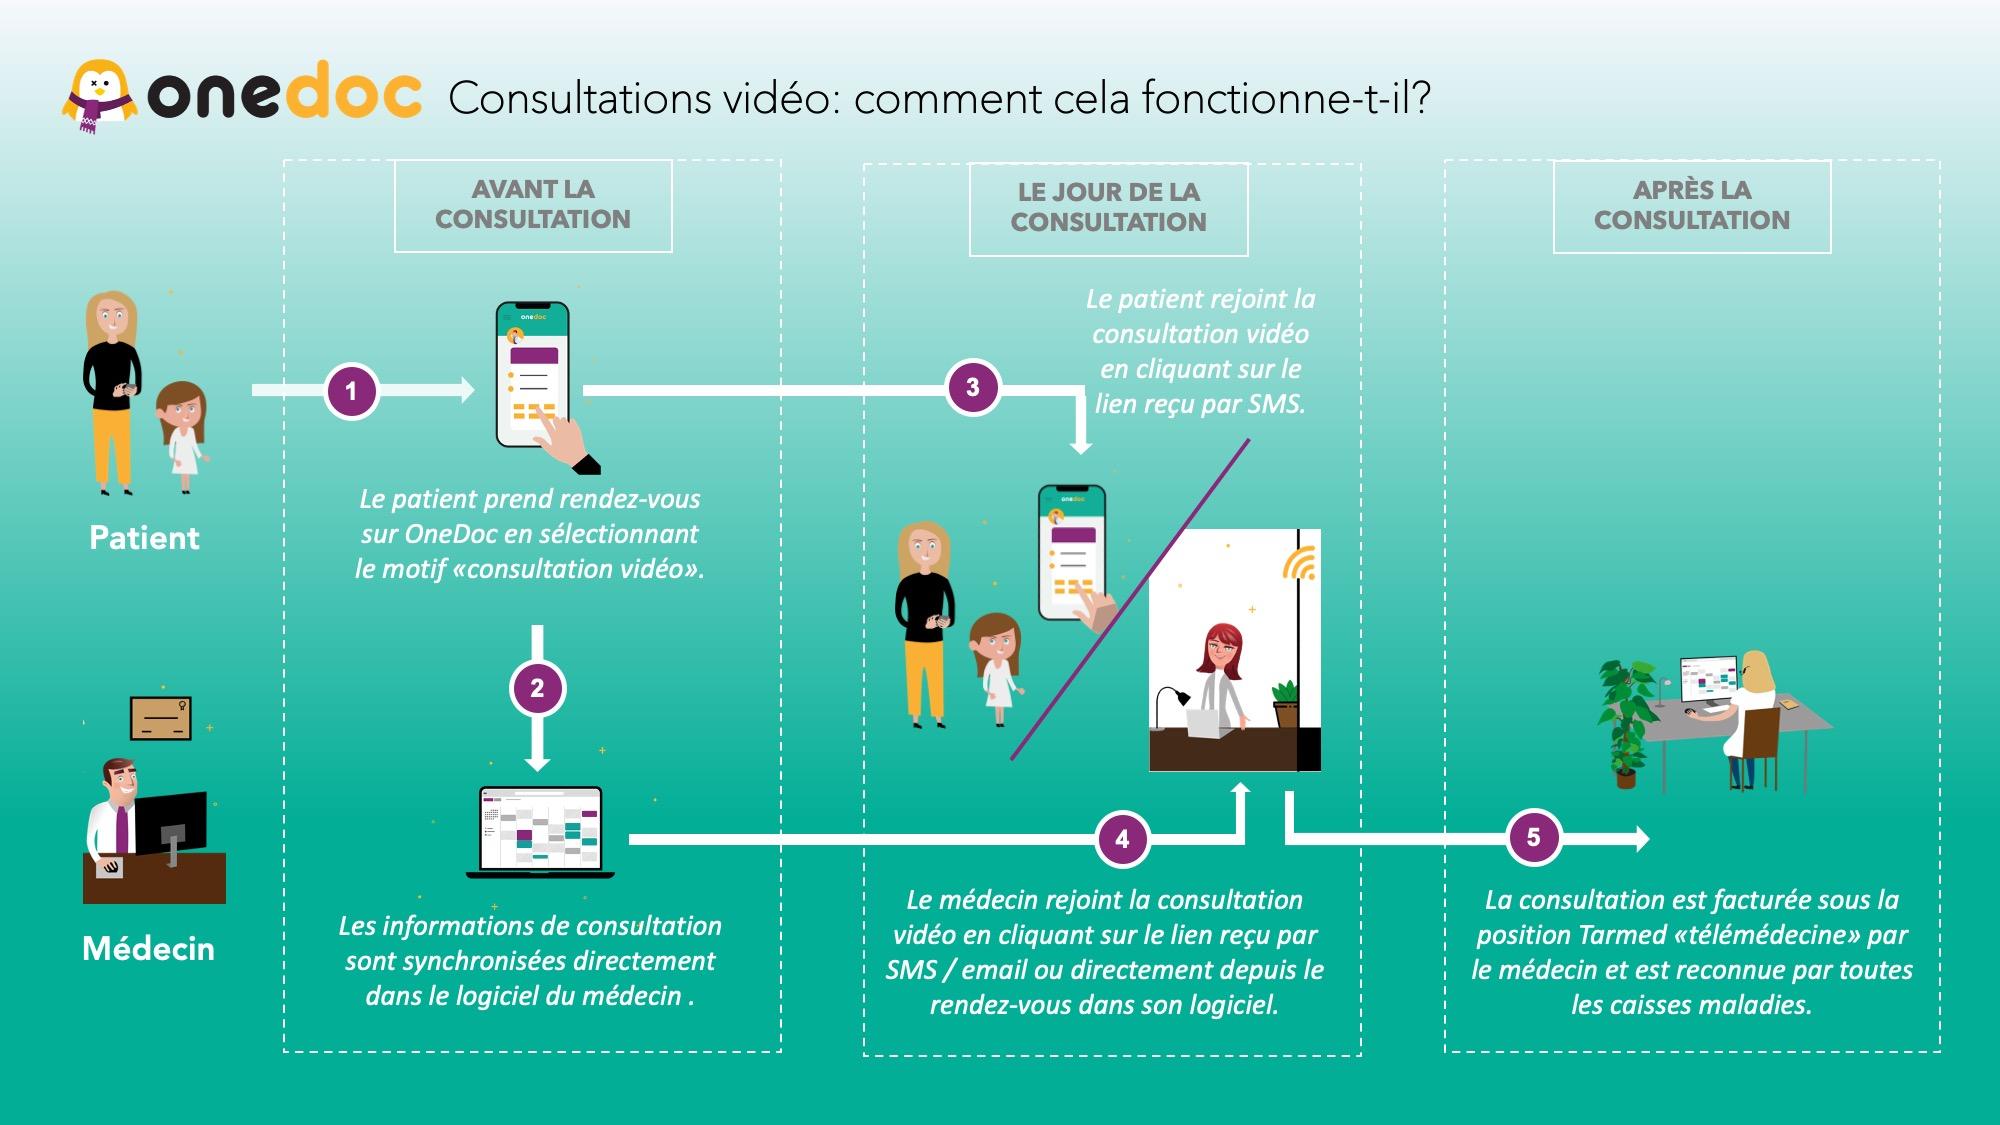 Consultation vidéo OneDoc - comment ça marche